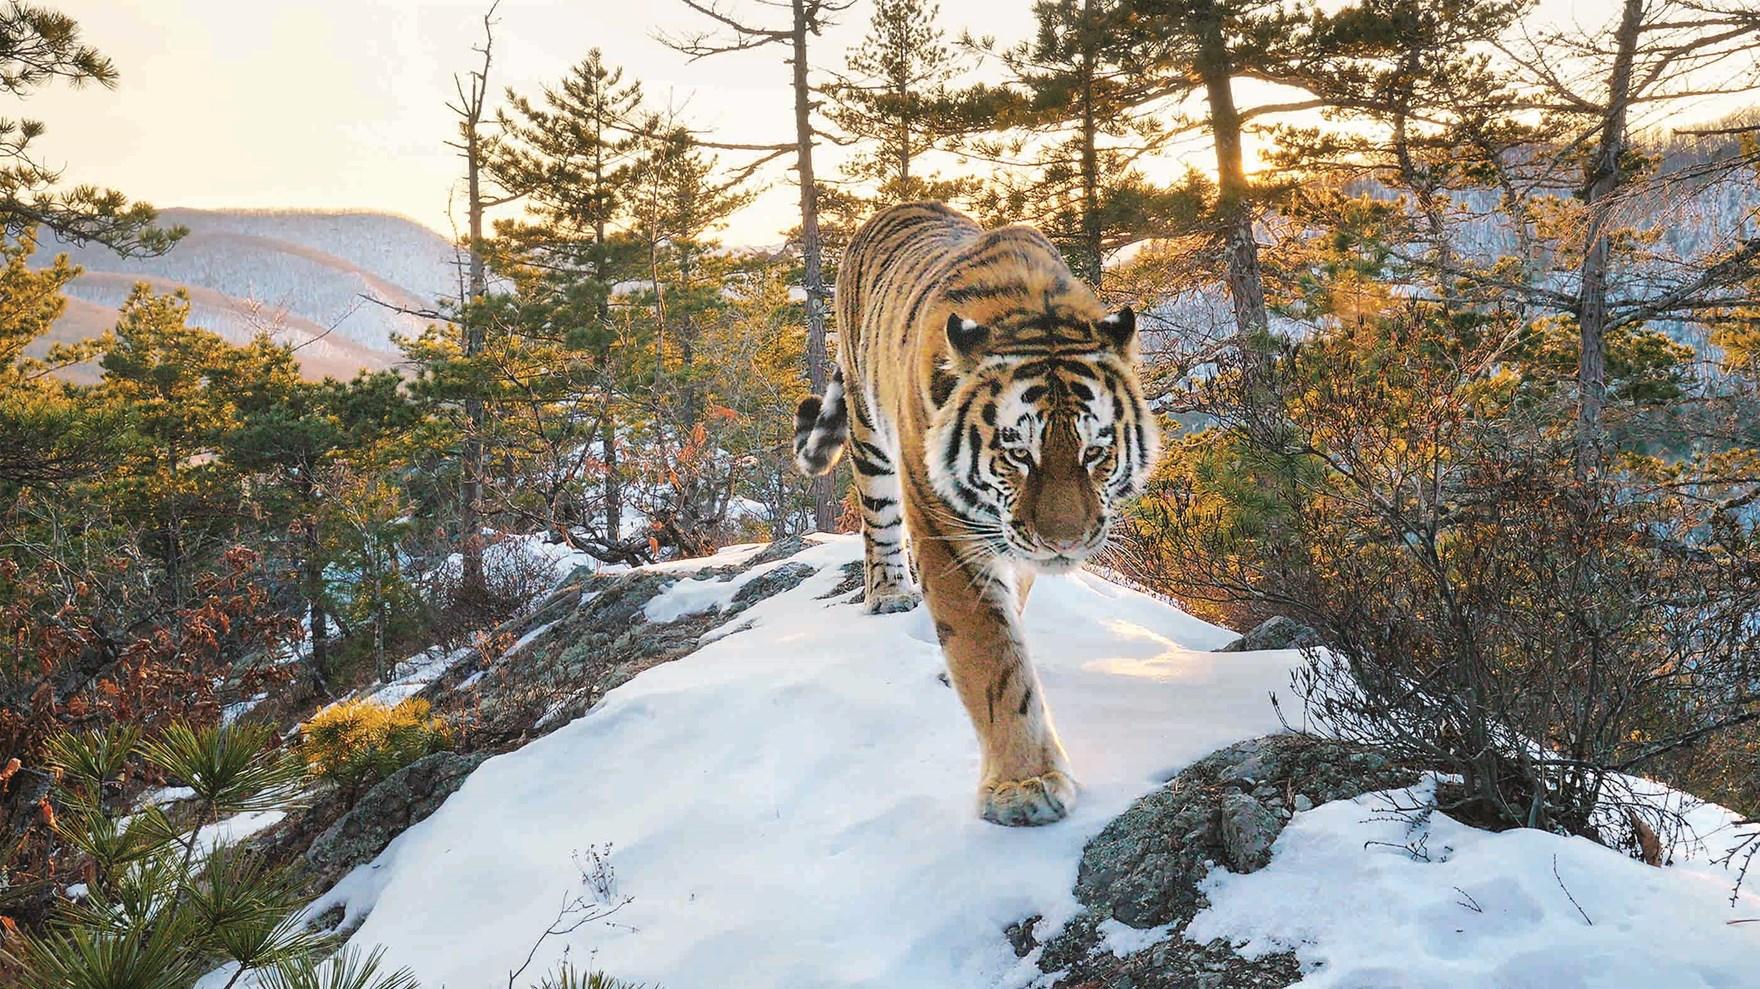 sziberiai_tigris_kieran_o_donovan.jpg